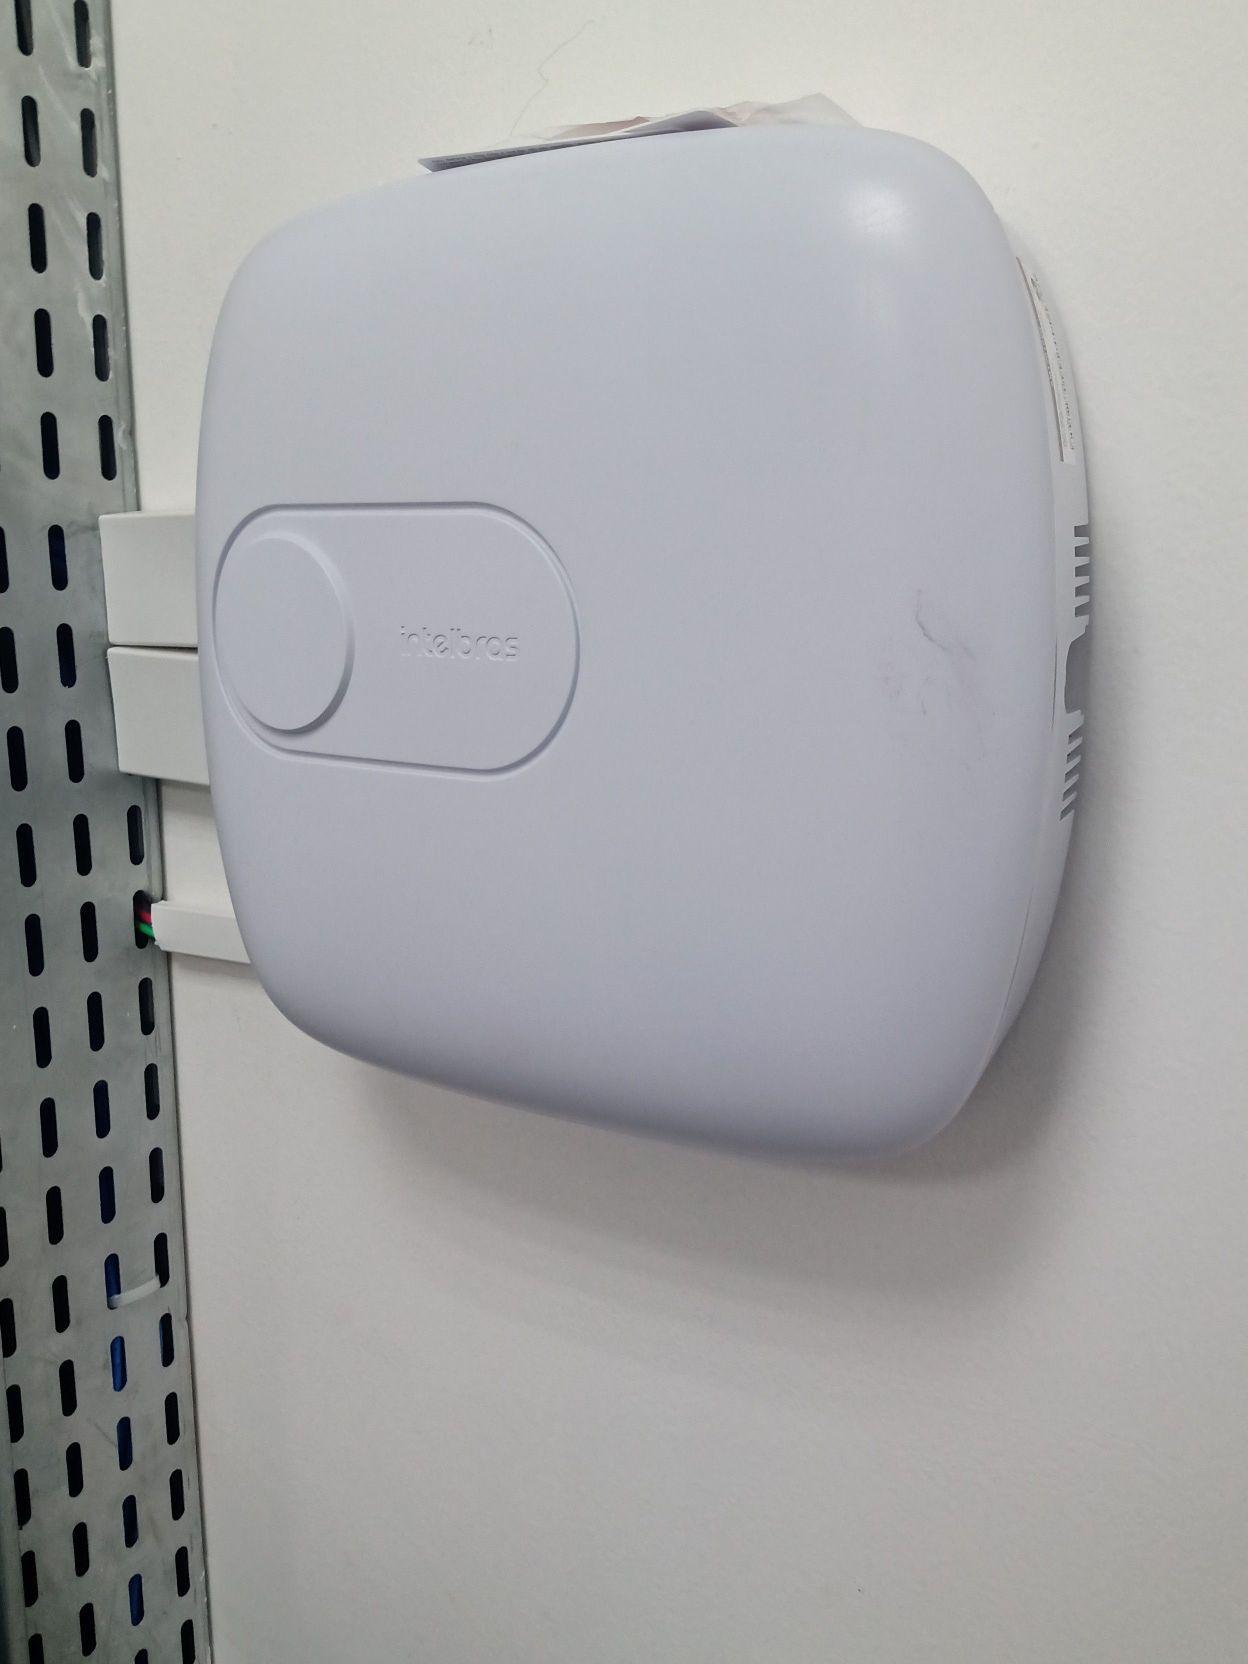 instalações de sistema de alarme Intelbras na Dpsp